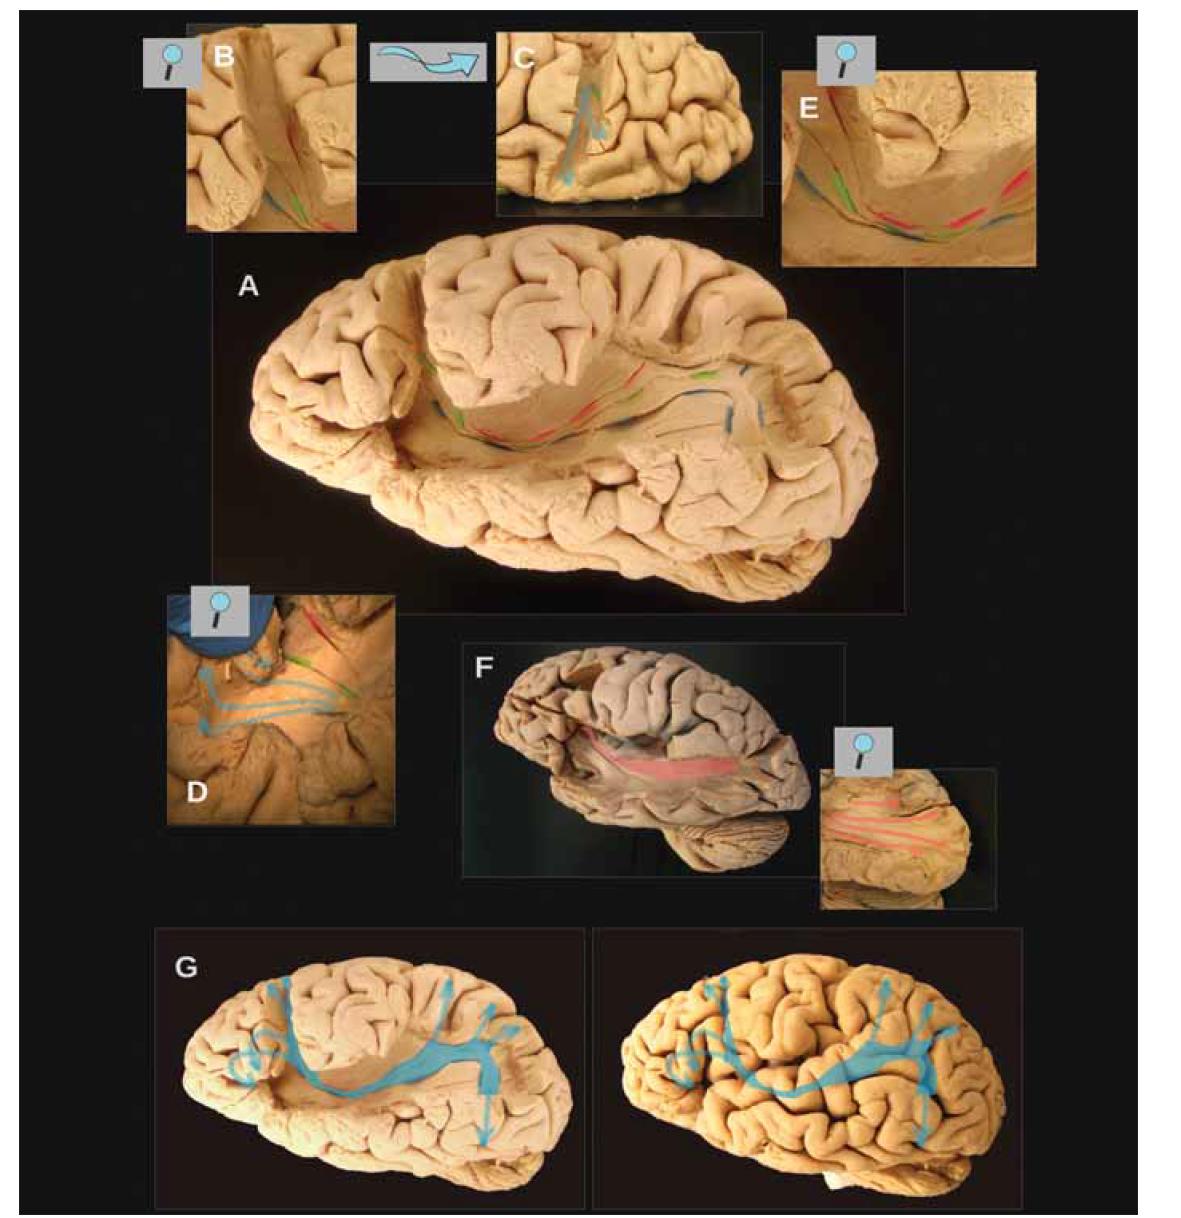 Obr. 4. (A) Fotografie mozku s vypreparovaným IFOF. Vlákna IFOF se nachází mezi červenými a modrými značkami. Vlákna IFOF mají tendenci se dále štěpit do dvou složek [17,18], čímž se vytvoří (zejména směrem k okcipitálnímu a parietálnímu laloku) dvě větve – ventrální (mezi modrými a zelenými značkami), níže uložená větev má své kortikální zakončení v dolním a středním okcipitálním gyru a v temporobazálních oblastech a dorzální, výše uložená větev (mezi zelenými a červenými značkami) má kortikální zakončení směřující do parietálních korových oblastí a do horního okcipitálního gyru. Směrem k frontálnímu laloku má dorzální (horní) větev tendenci vést k dorzálním kortikálním oblastem horního a středního frontálního gyru a větev ventrální (dolní) vede spíše ke strukturám dolního frontálního gyru (pars triangularis, pars orbitalis) a k pólu frontálního laloku. Větve se zde ale do jisté míry překrývají a nejsou tak ostře oddělené jako opačným směrem.<br> (B, C) Zvětšenina zobrazující průběh dorzální (horní) větve IFOF (po odpreparování pars opercularis) směrem k dorzálním kortikálním oblastem horního a středního frontálního gyru a na obrázku C pak vyústění těchto vláken na kůře. Jedná se vlastně o vyústění na tzv. dorzo-laterálním prefrontálním kortexu, kde velmi často při operacích vídáme funkční odpovědi při stimulaci.<br> (D) Detaily kortikáních zakončení ventrální (dolní) větve IFOF na kůře pars orbitalis a pars triangularis, poté co se stáčí laterálním směrem po podběhnutí horního periinzuárního sulku. Rovněž v těchto oblastech vyvolává někdy při awake kraniotomiích elektrická stimulace funkční poruchy.<br> (E) Detail průběhu IFOF inzulou v místě před putamen (které je dosud kryto bílou hmotou tvořenou claustro-kortikálními vlákny)<br> (F) IFOF v preparátu na obrázku A má pouze omezené množství kortikálních zakončení v gyrus occipitalis inferior a žádná v gyrus occipitalis medius. To je docela neobvyklé. Ke správné interpretaci tohoto nálezu je nutné vědět, že kvalita